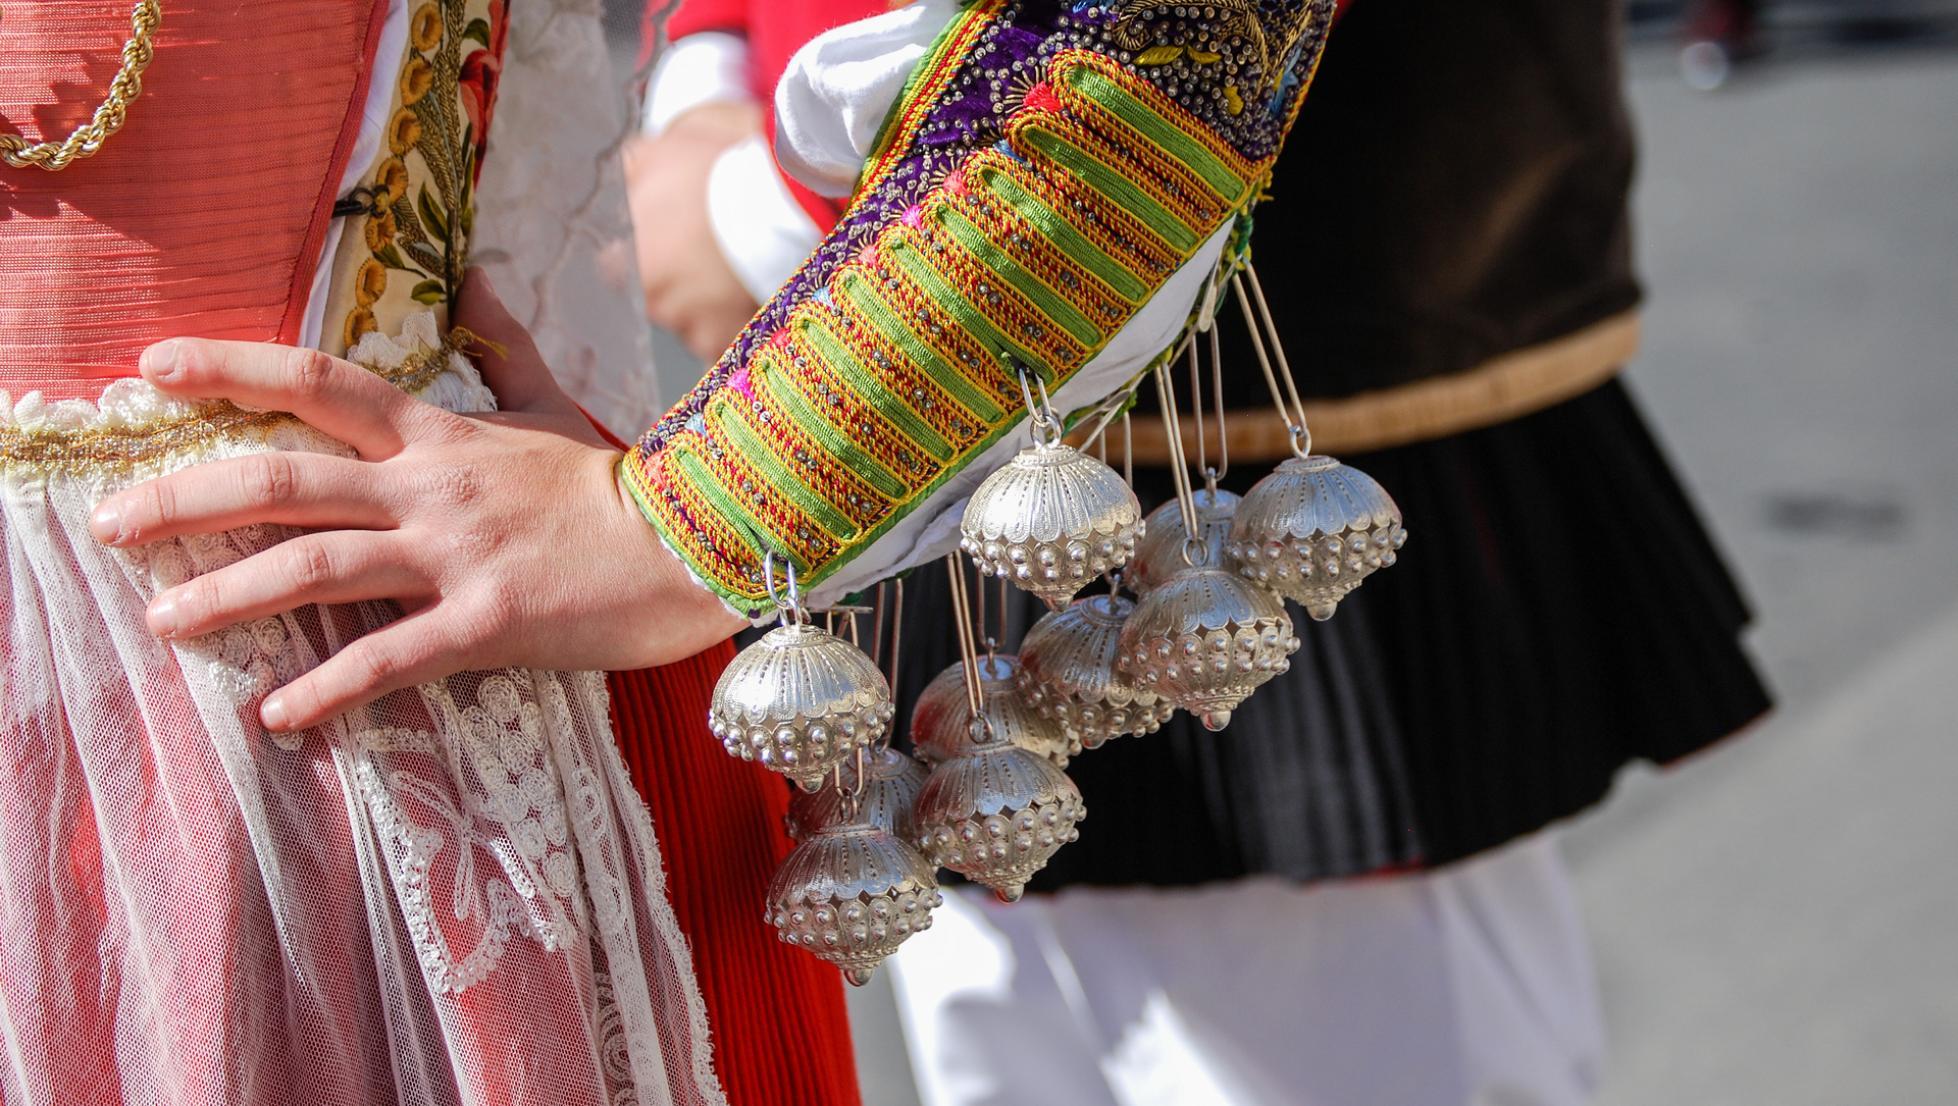 Dettaglio abito tradizionale di Ittiri